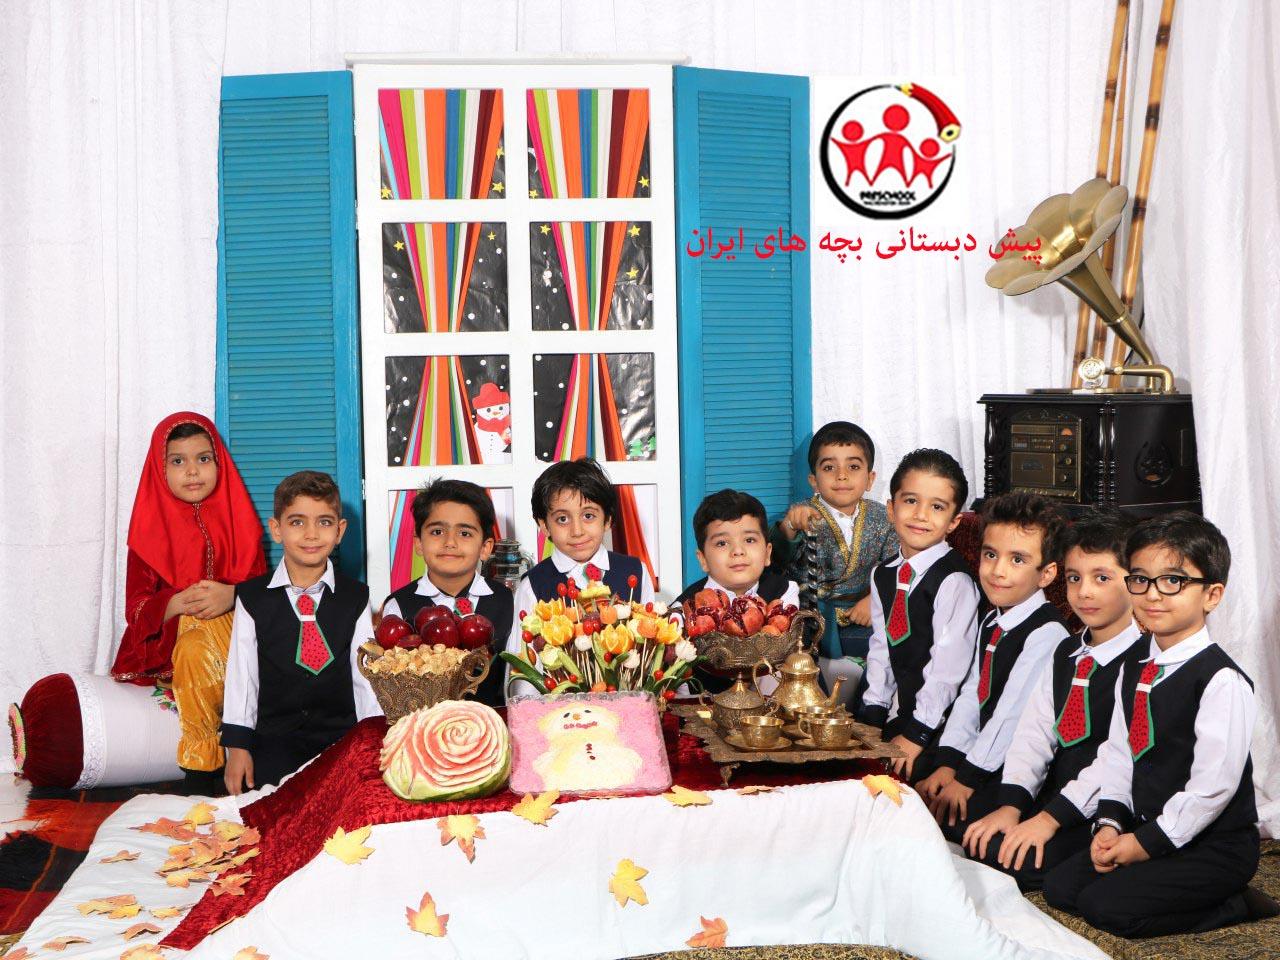 عکس جشن یلدا 1396 (شیفت عصر)